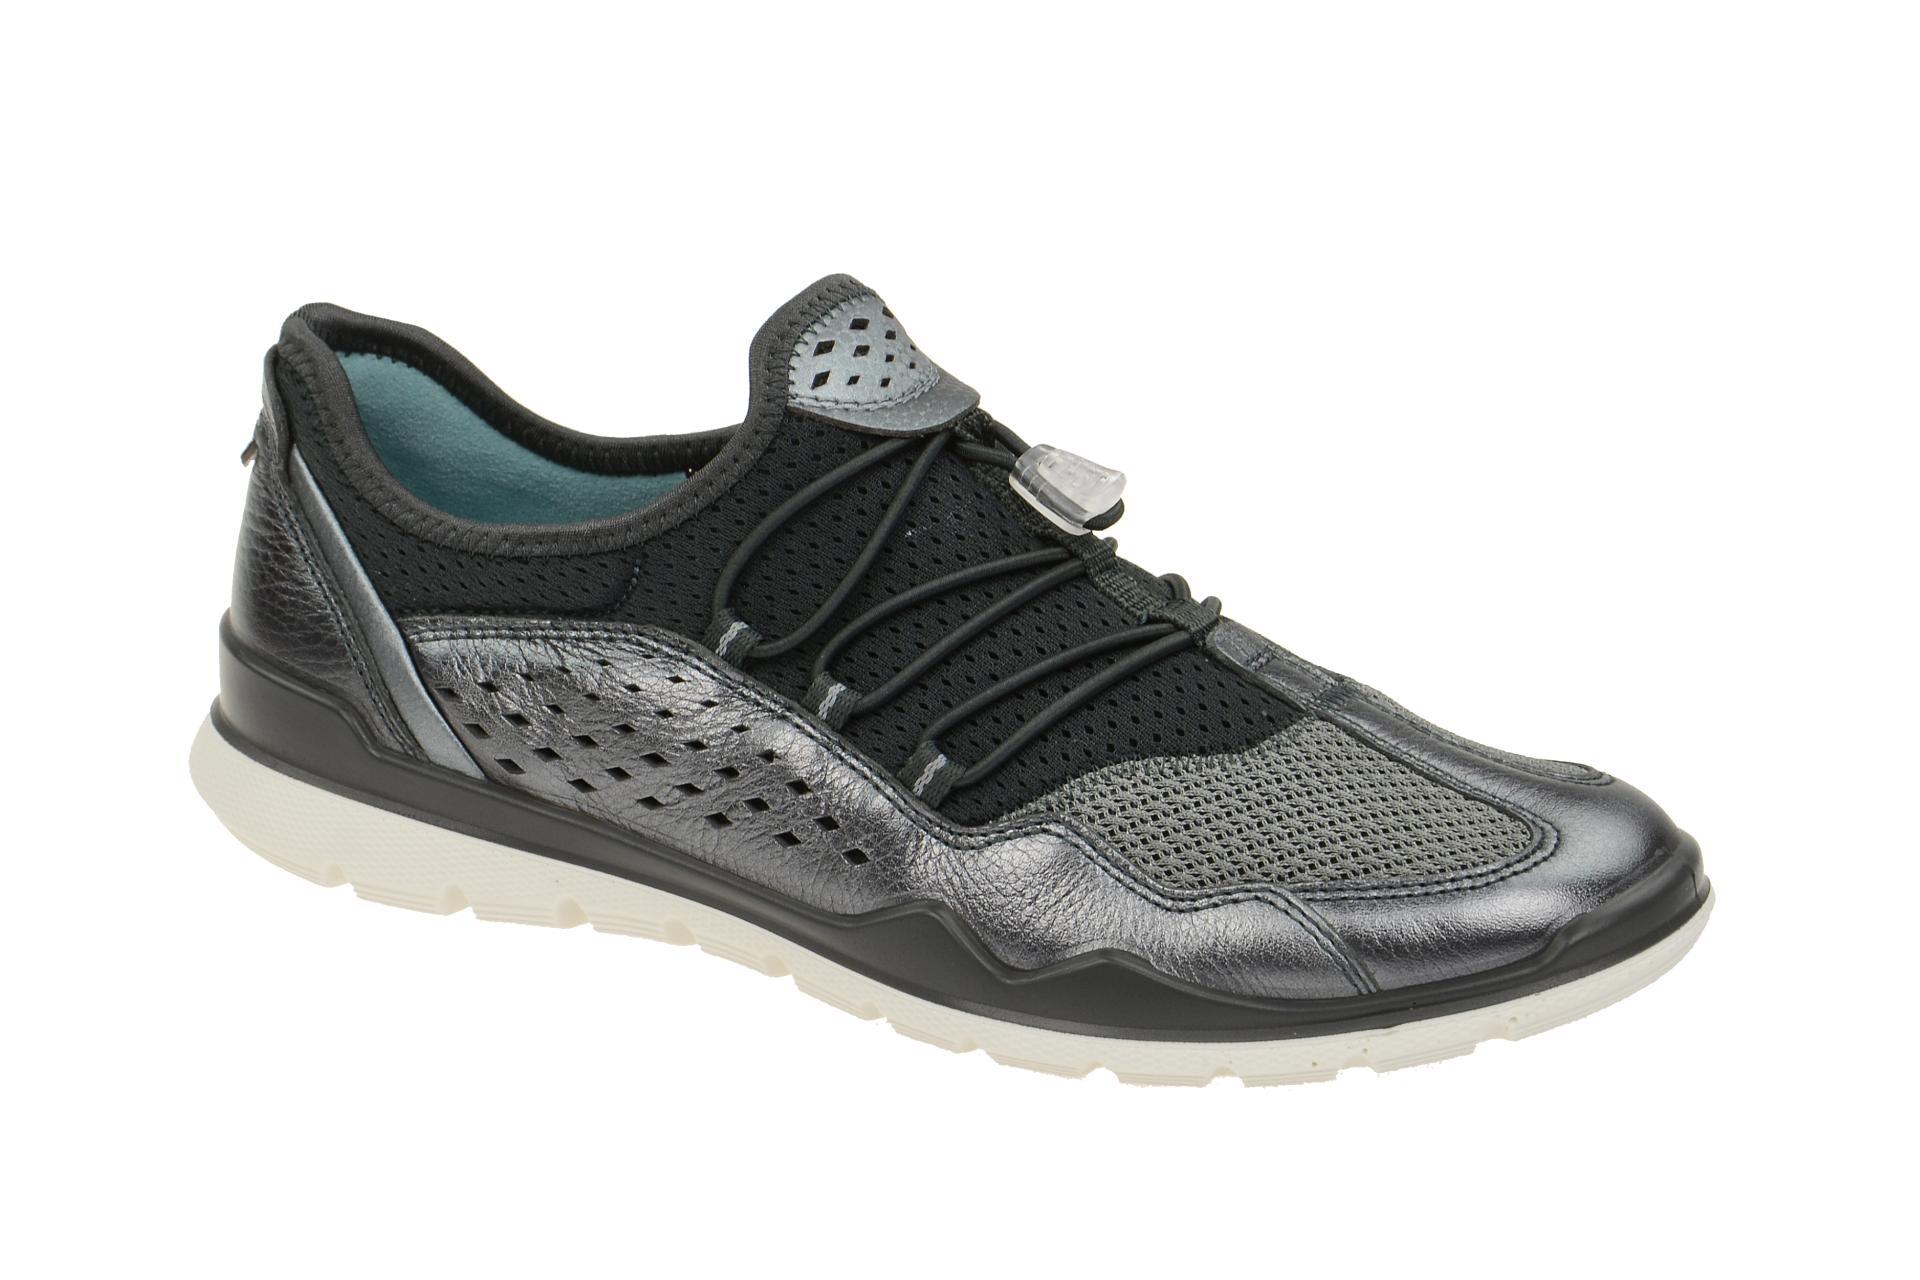 63db413b6a3169 Ecco Lynx Schuhe grau metallic Gr 35 - Schuhhaus Strauch Shop